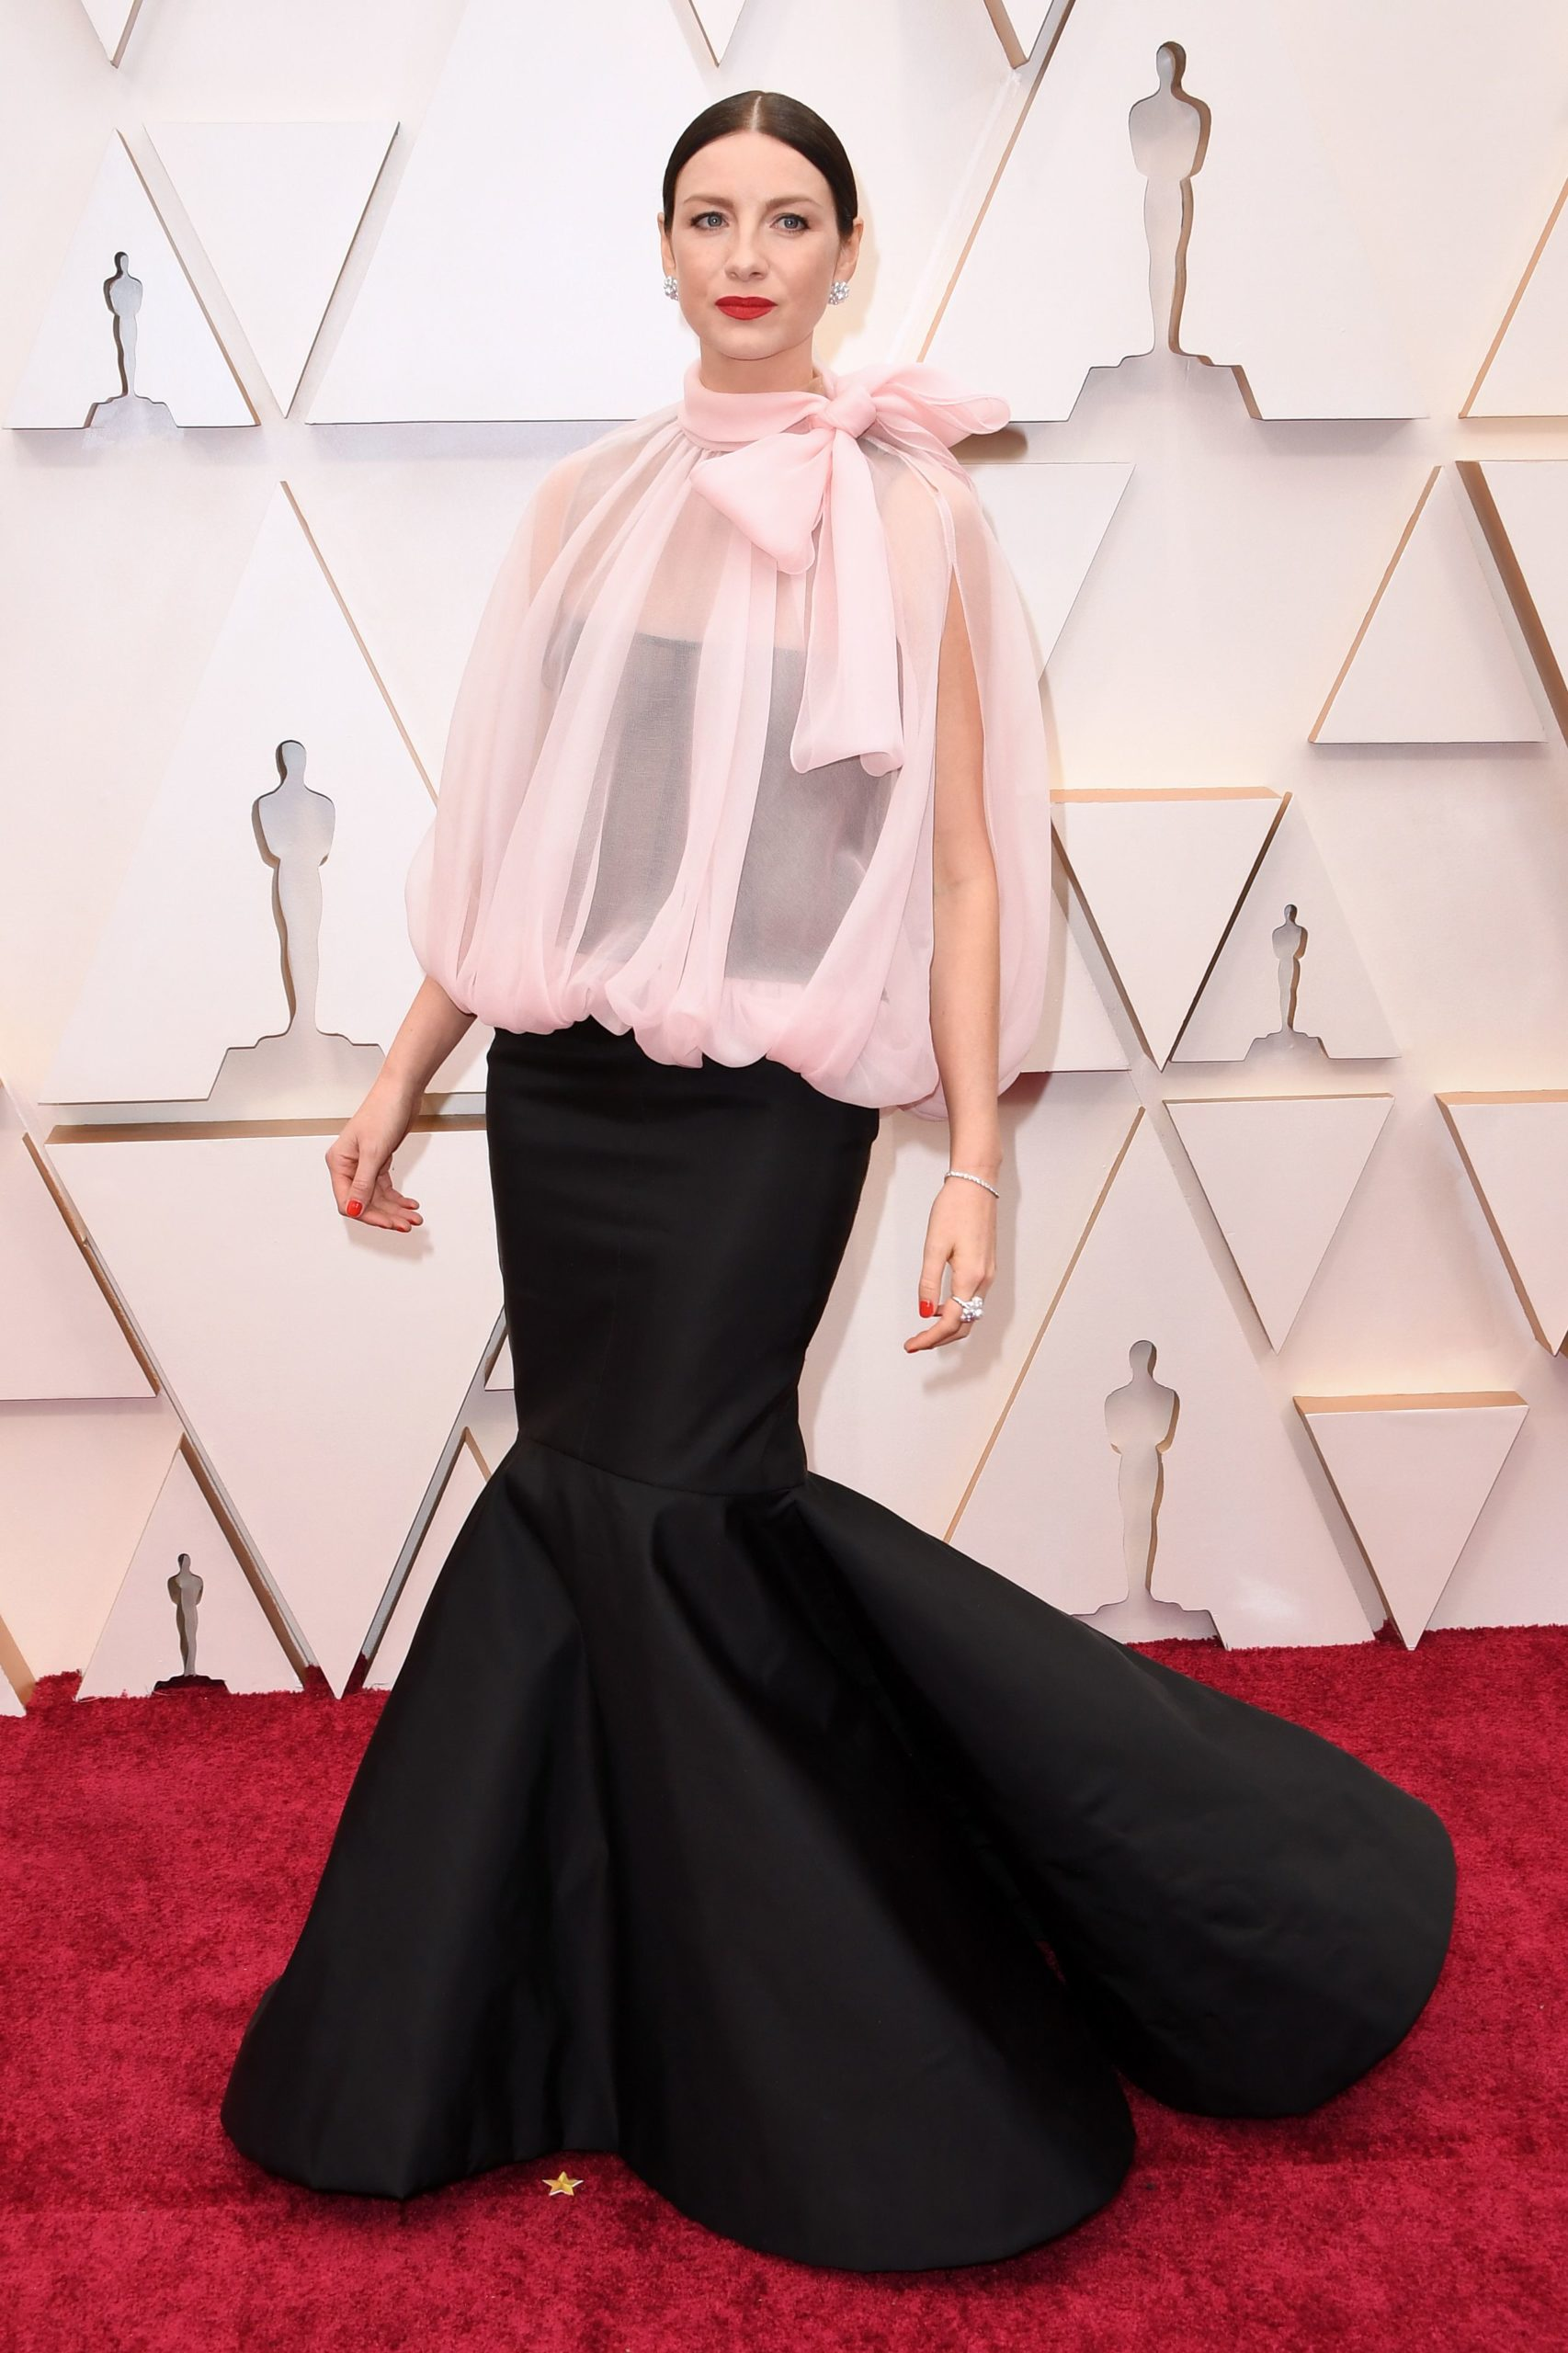 Oscars 2020 - Caitriona Balfe